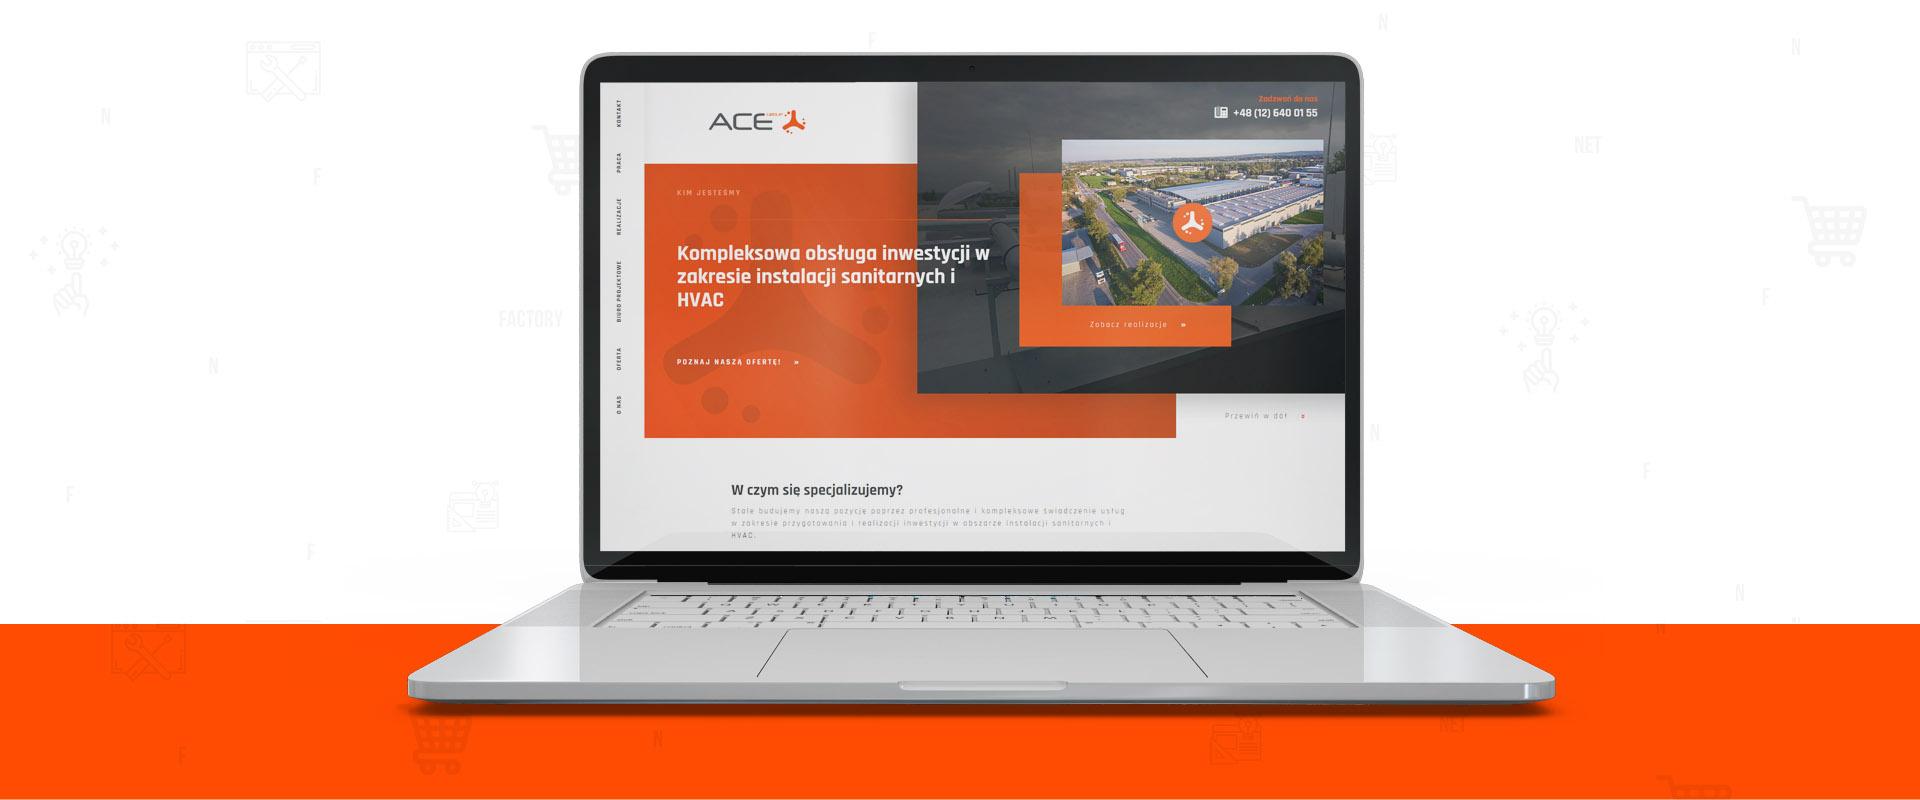 Odświeżenie strony internetowej dla ACE Group z Krakowa